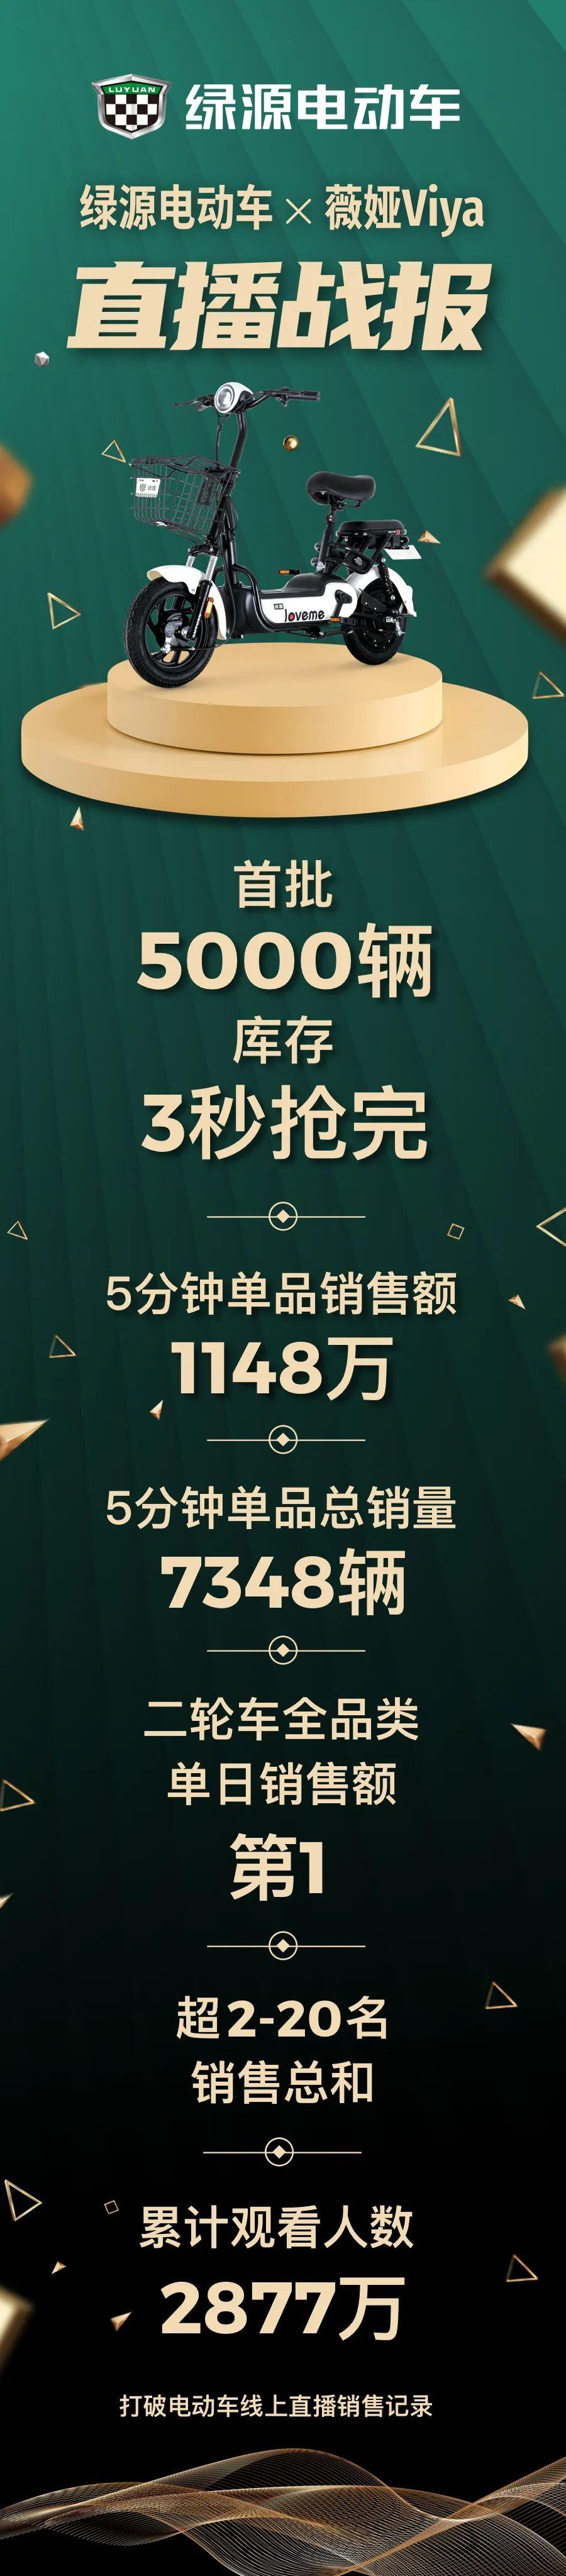 3秒抢完,单品销售1148万,优德88官方网APP联手薇娅创造优德888网页版线上销售奇迹